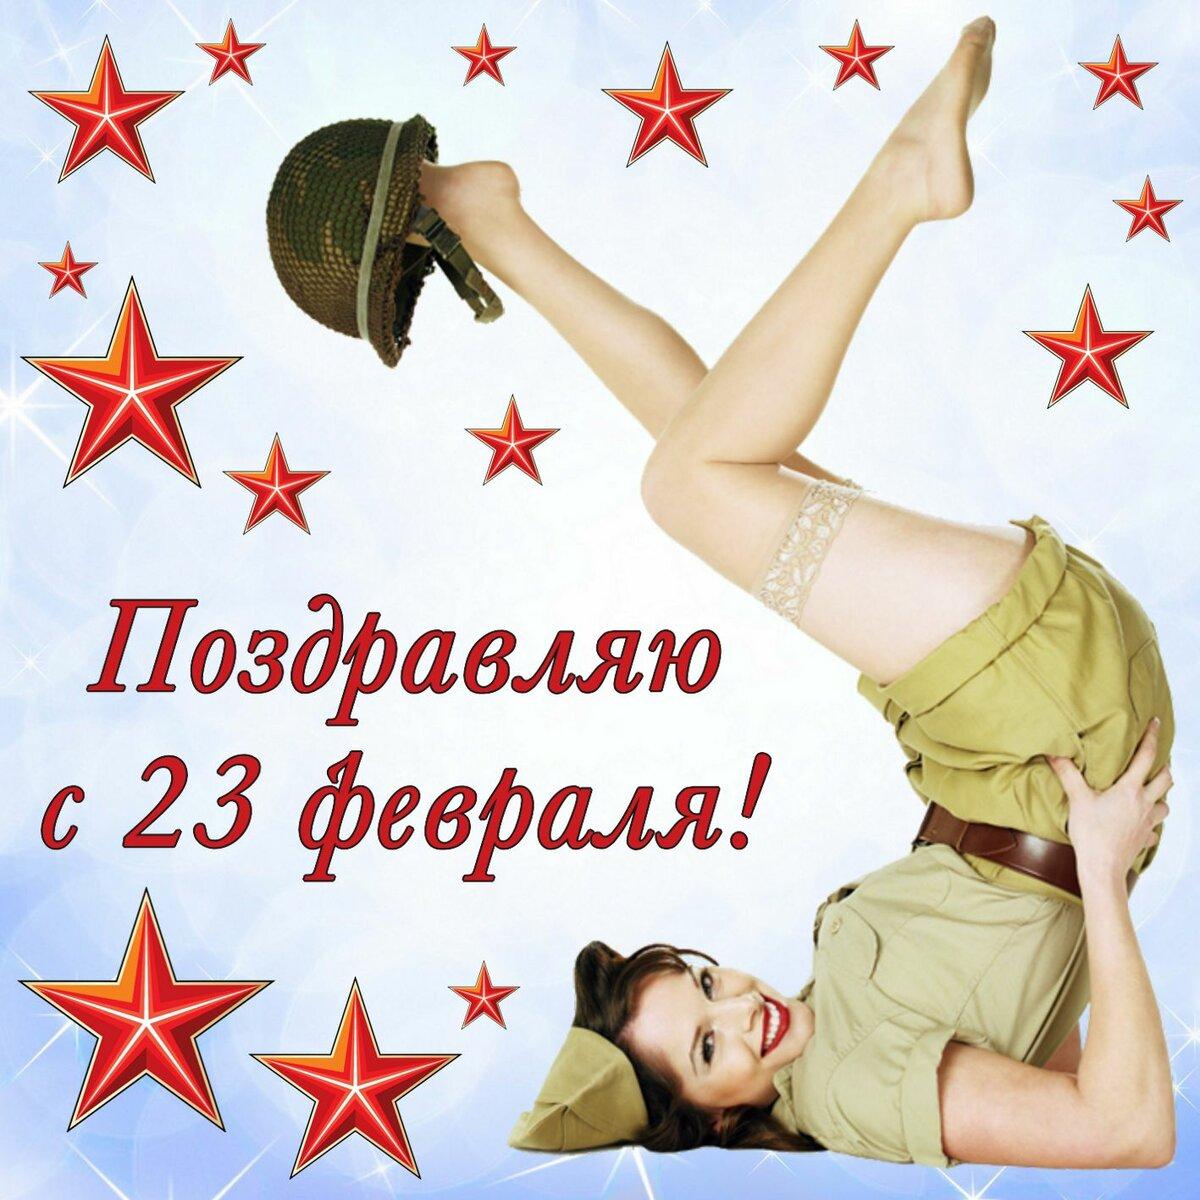 Сочи, открытка девушка на 23 февраля